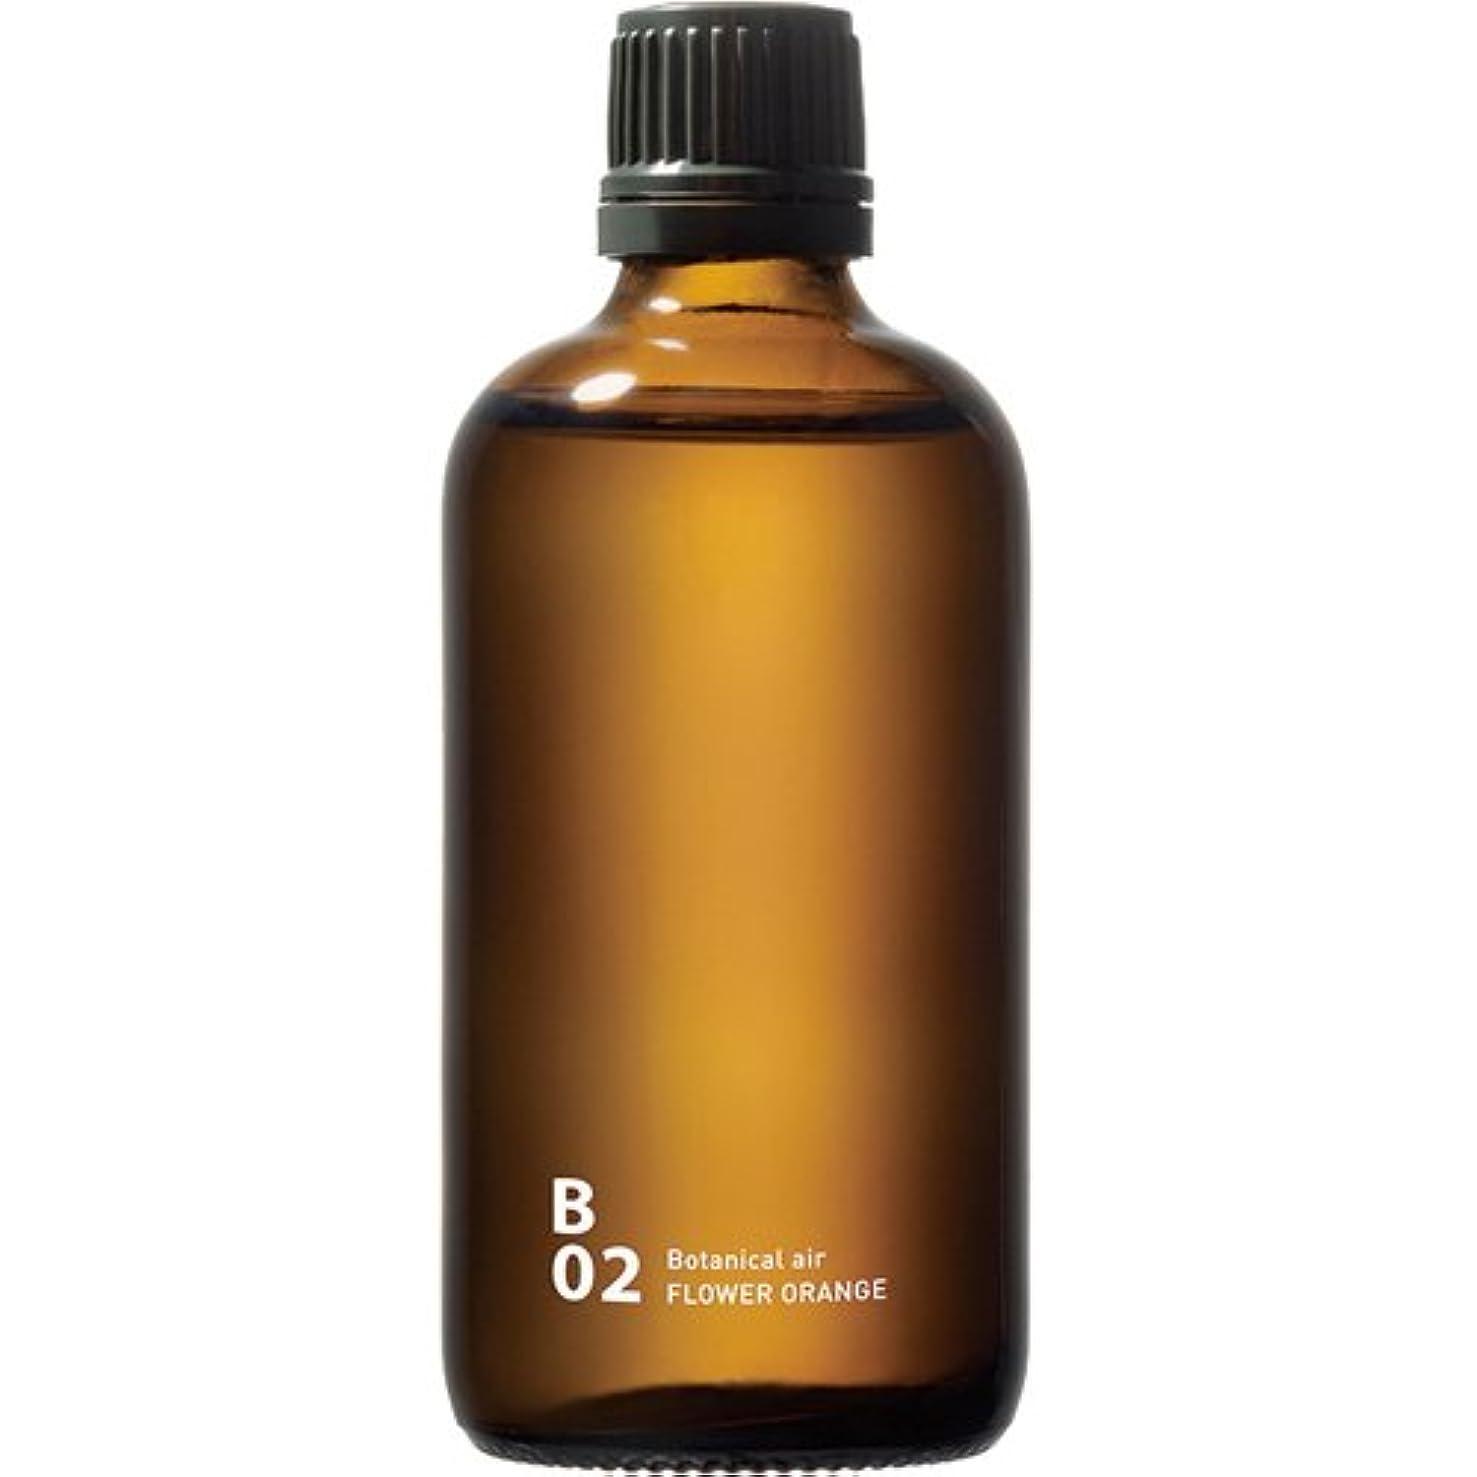 連鎖神経衰弱自己B02 FLOWER ORANGE piezo aroma oil 100ml